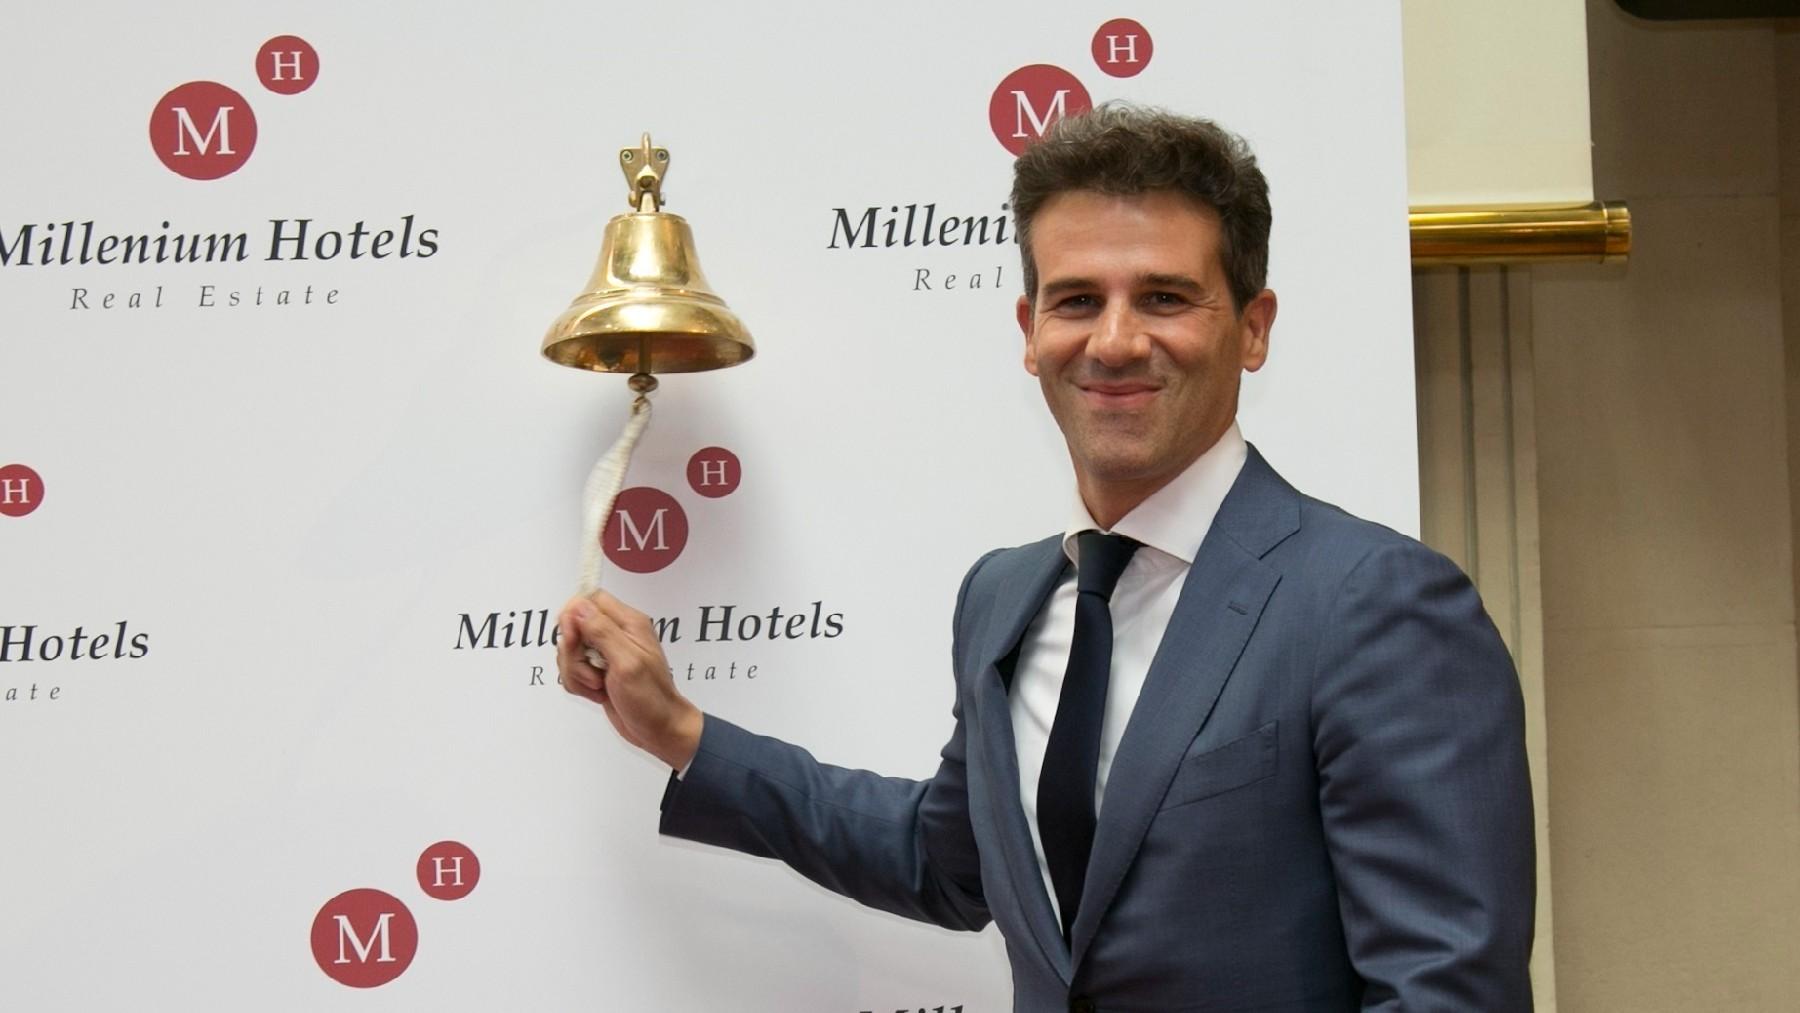 Millenium Hotels.